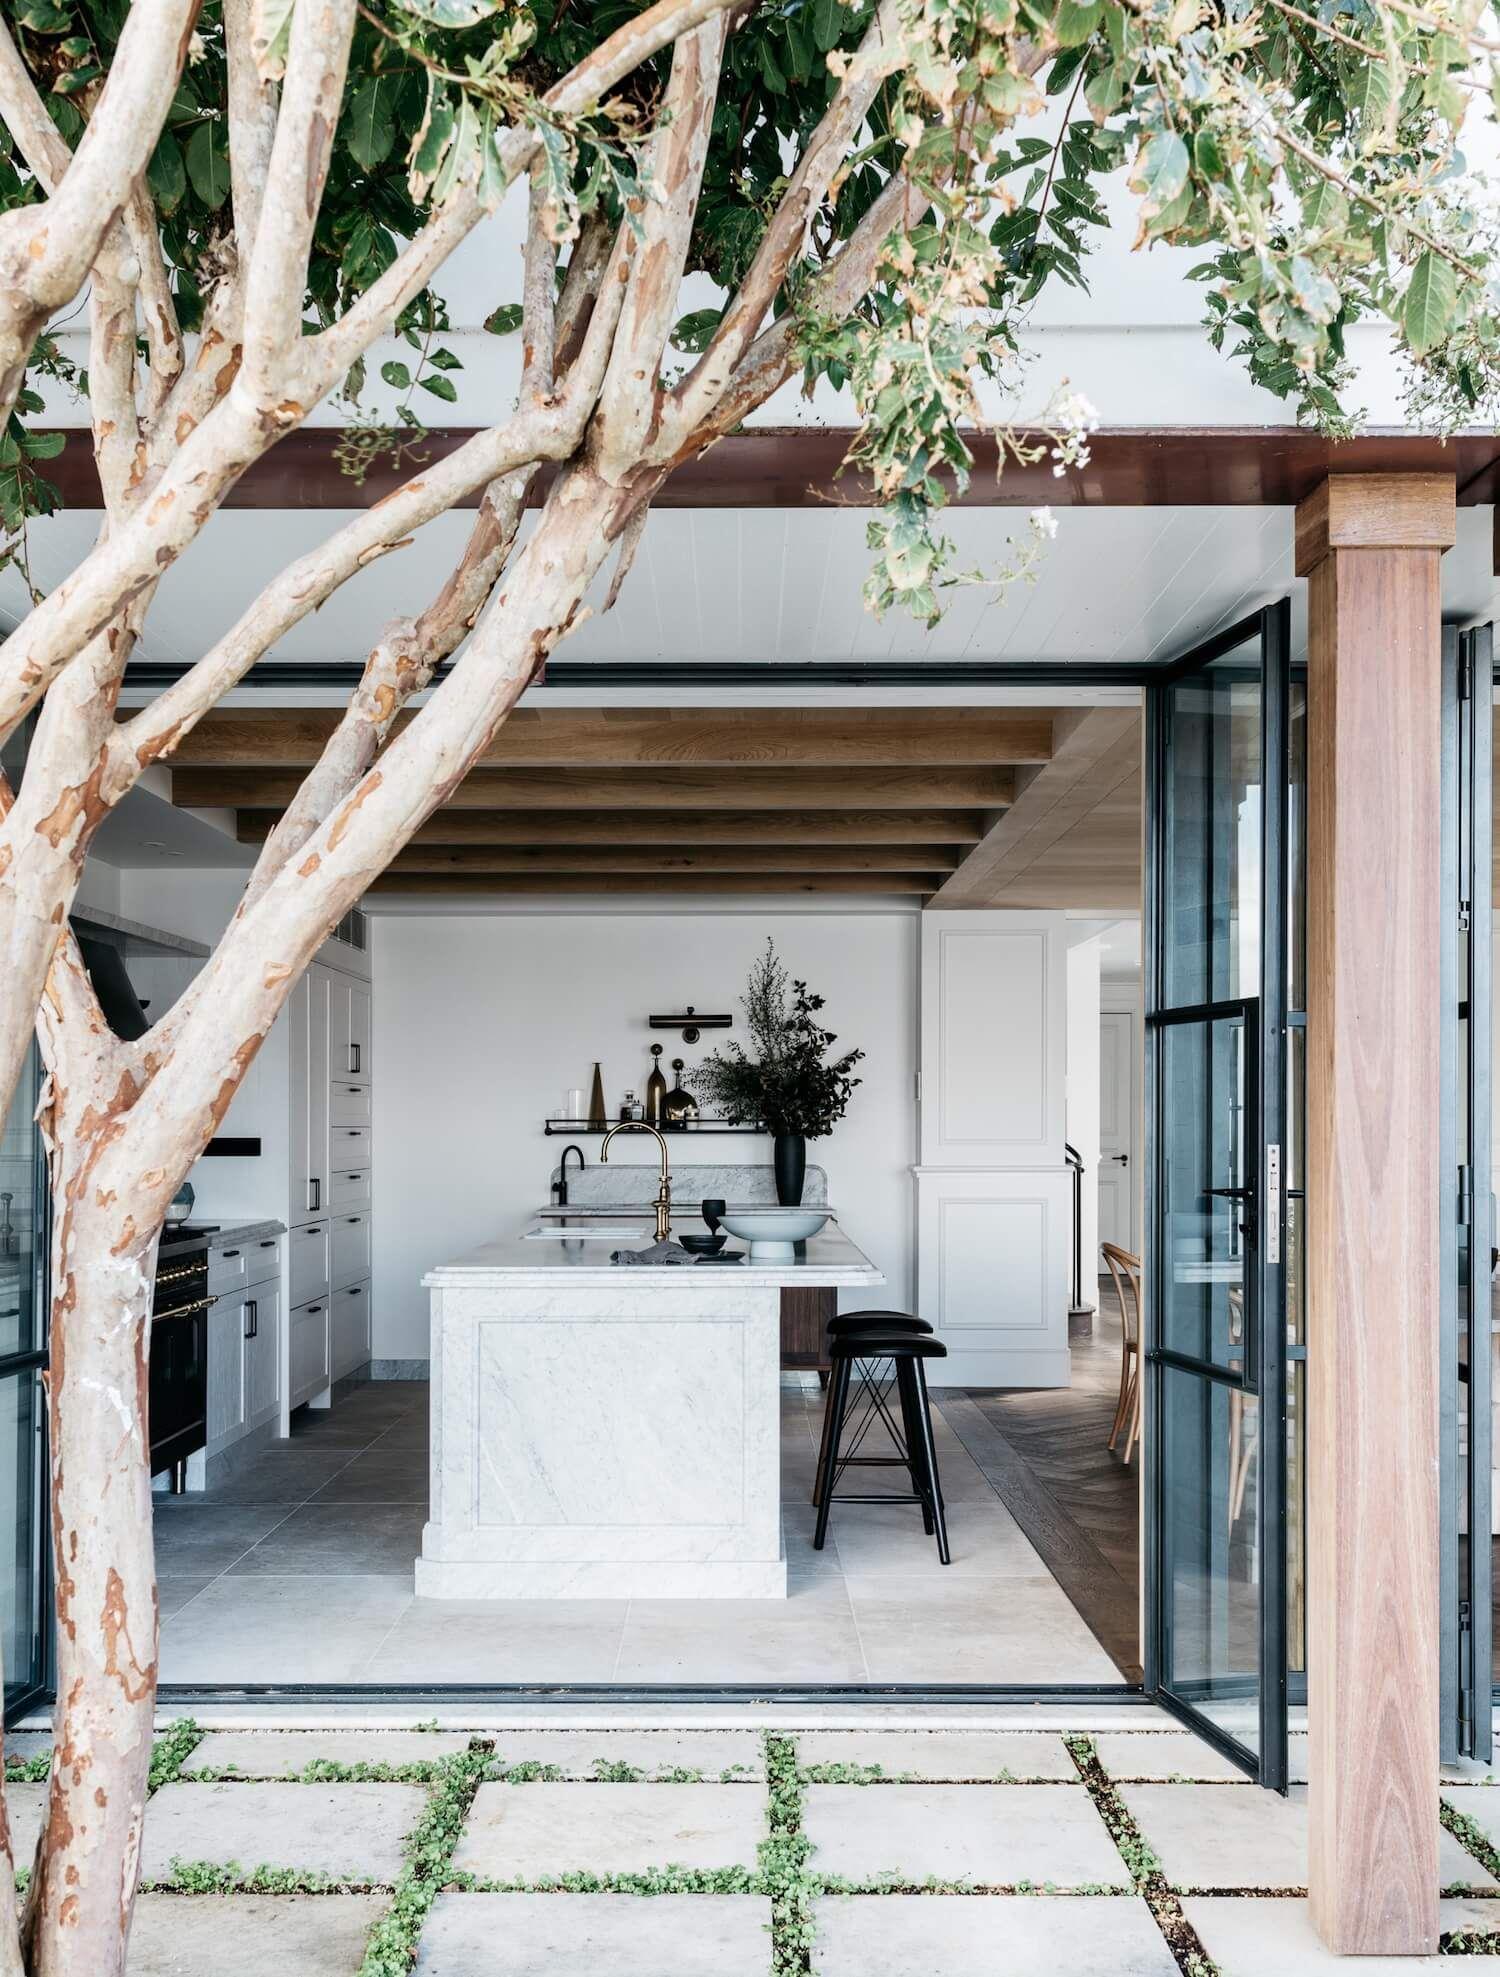 CASA ILUKA de diseño y decoración de interiores acogedor, cálido y sofisticado